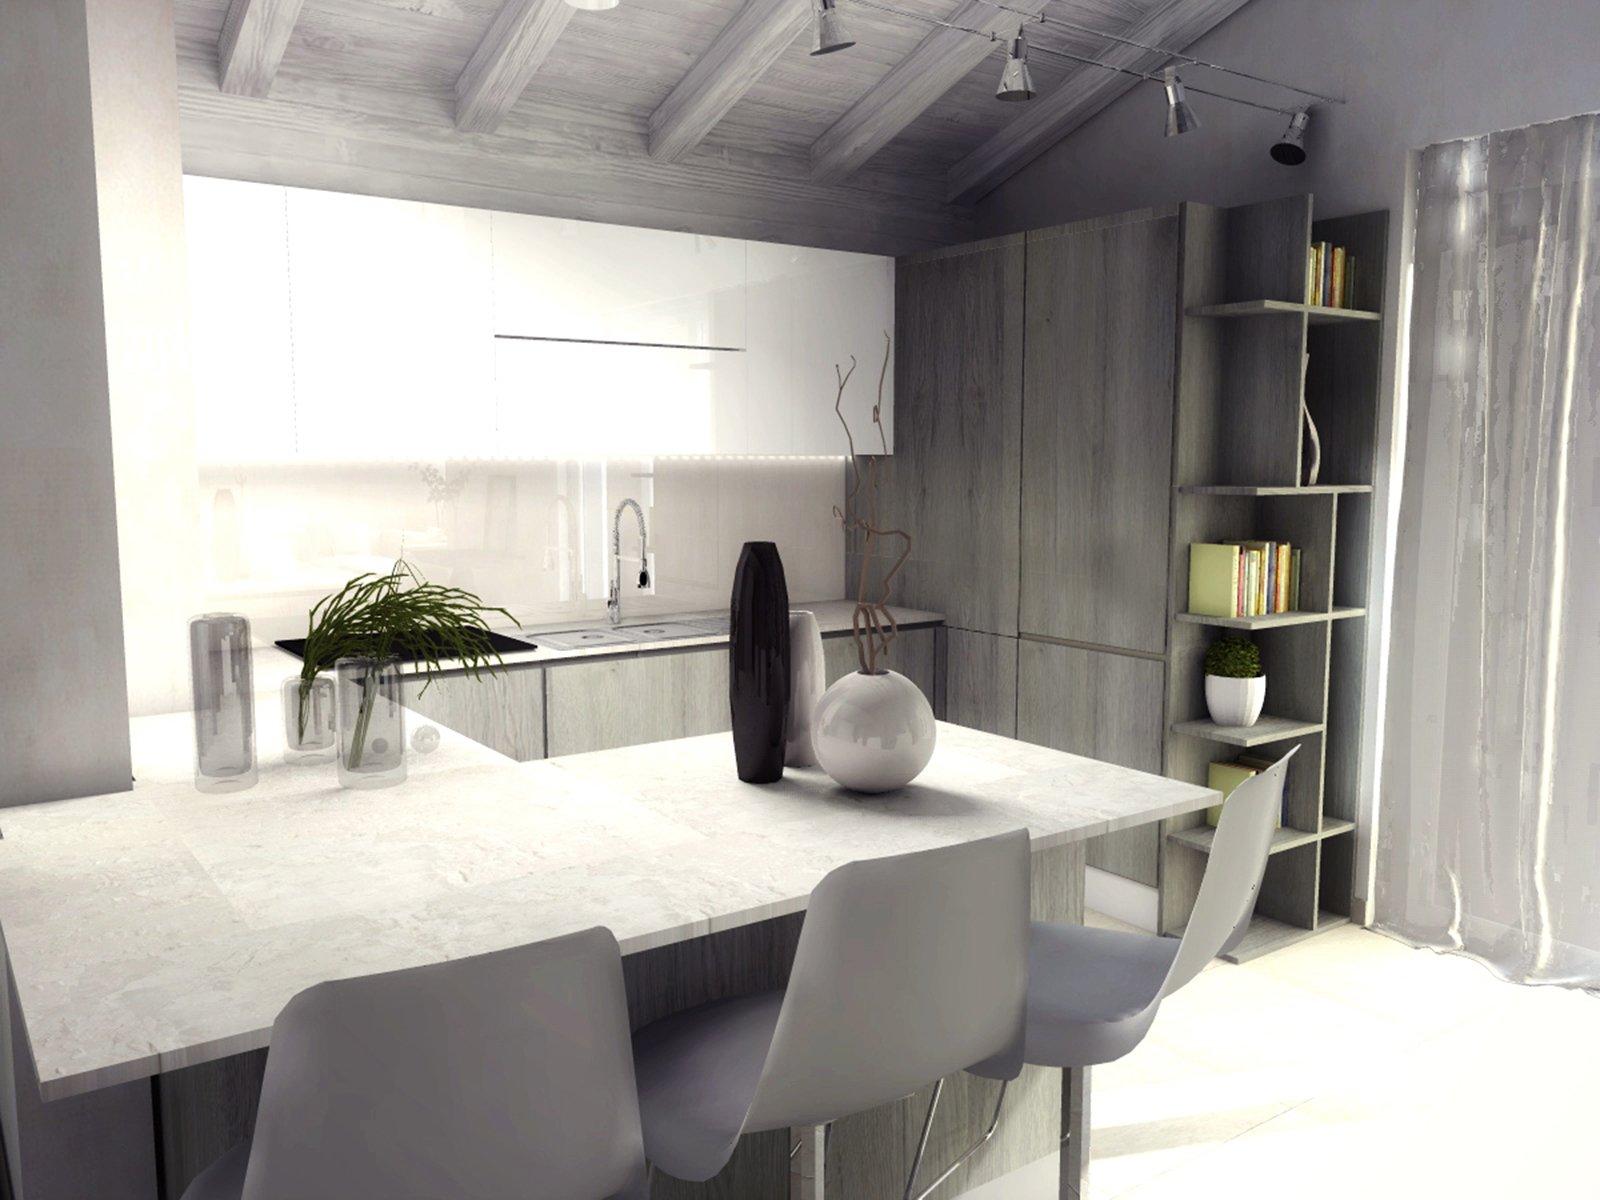 Casabook immobiliare una mansarda di nuova costruzione for Progetto casa moderna nuova costruzione